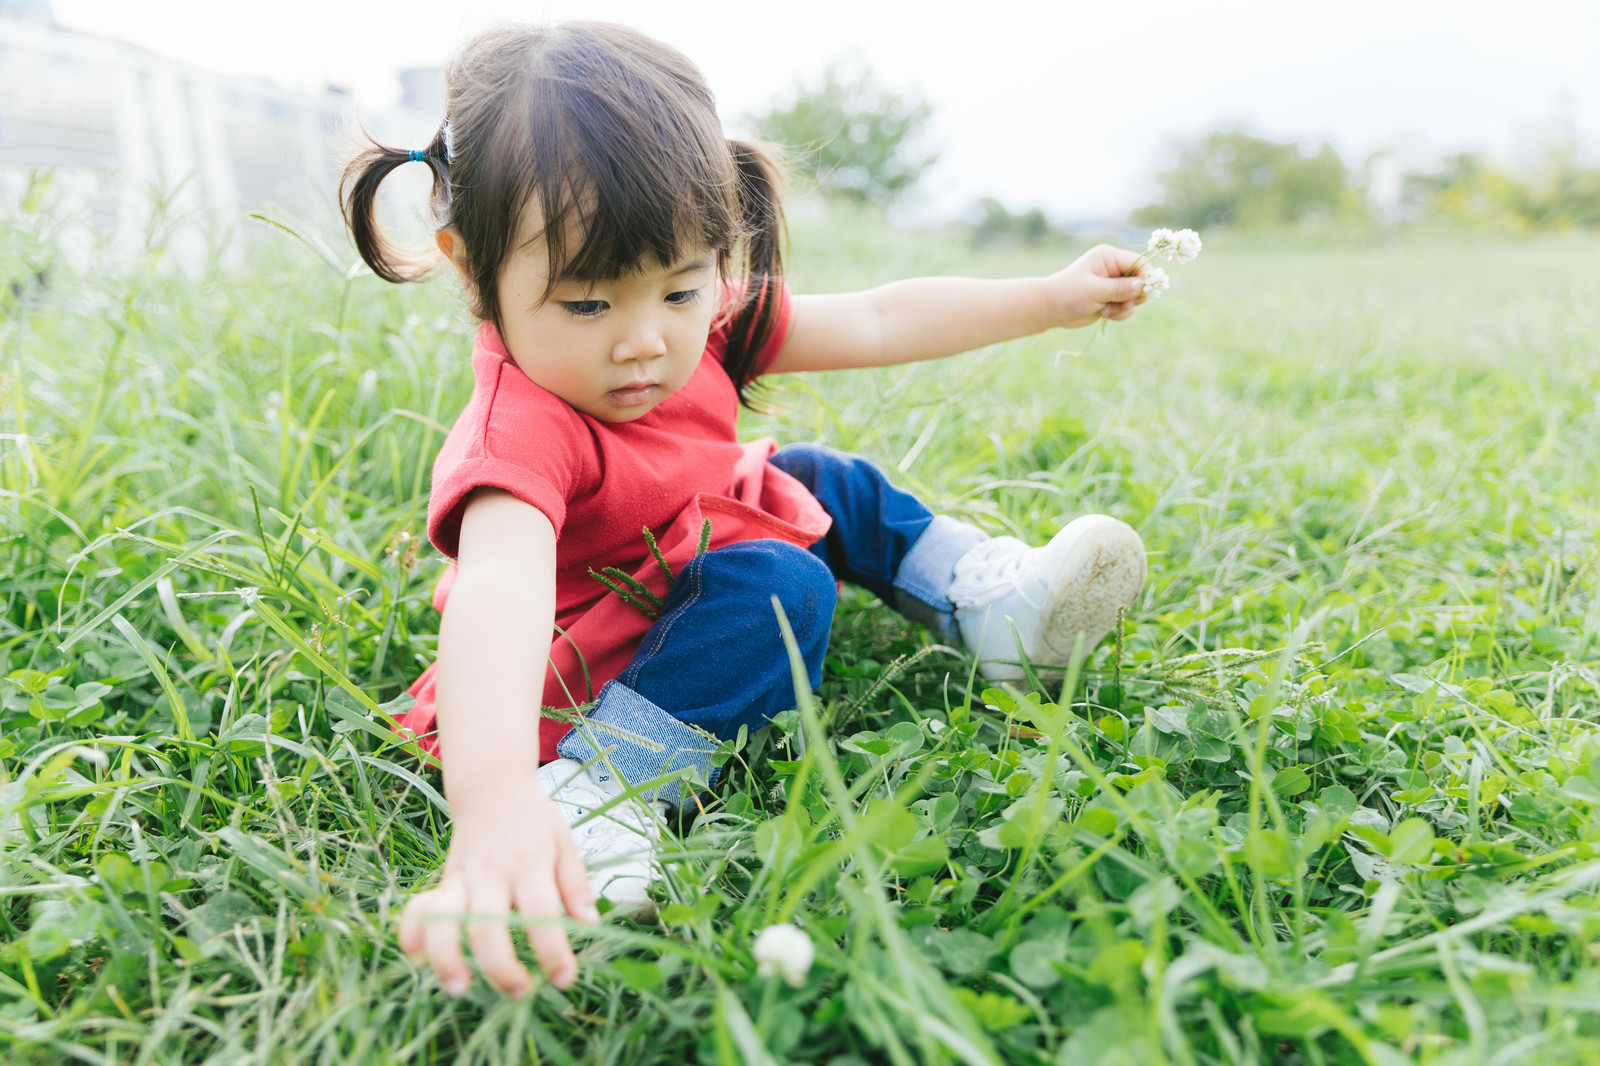 「シロツメクサを集める女の子シロツメクサを集める女の子」[モデル:あおみどり]のフリー写真素材を拡大